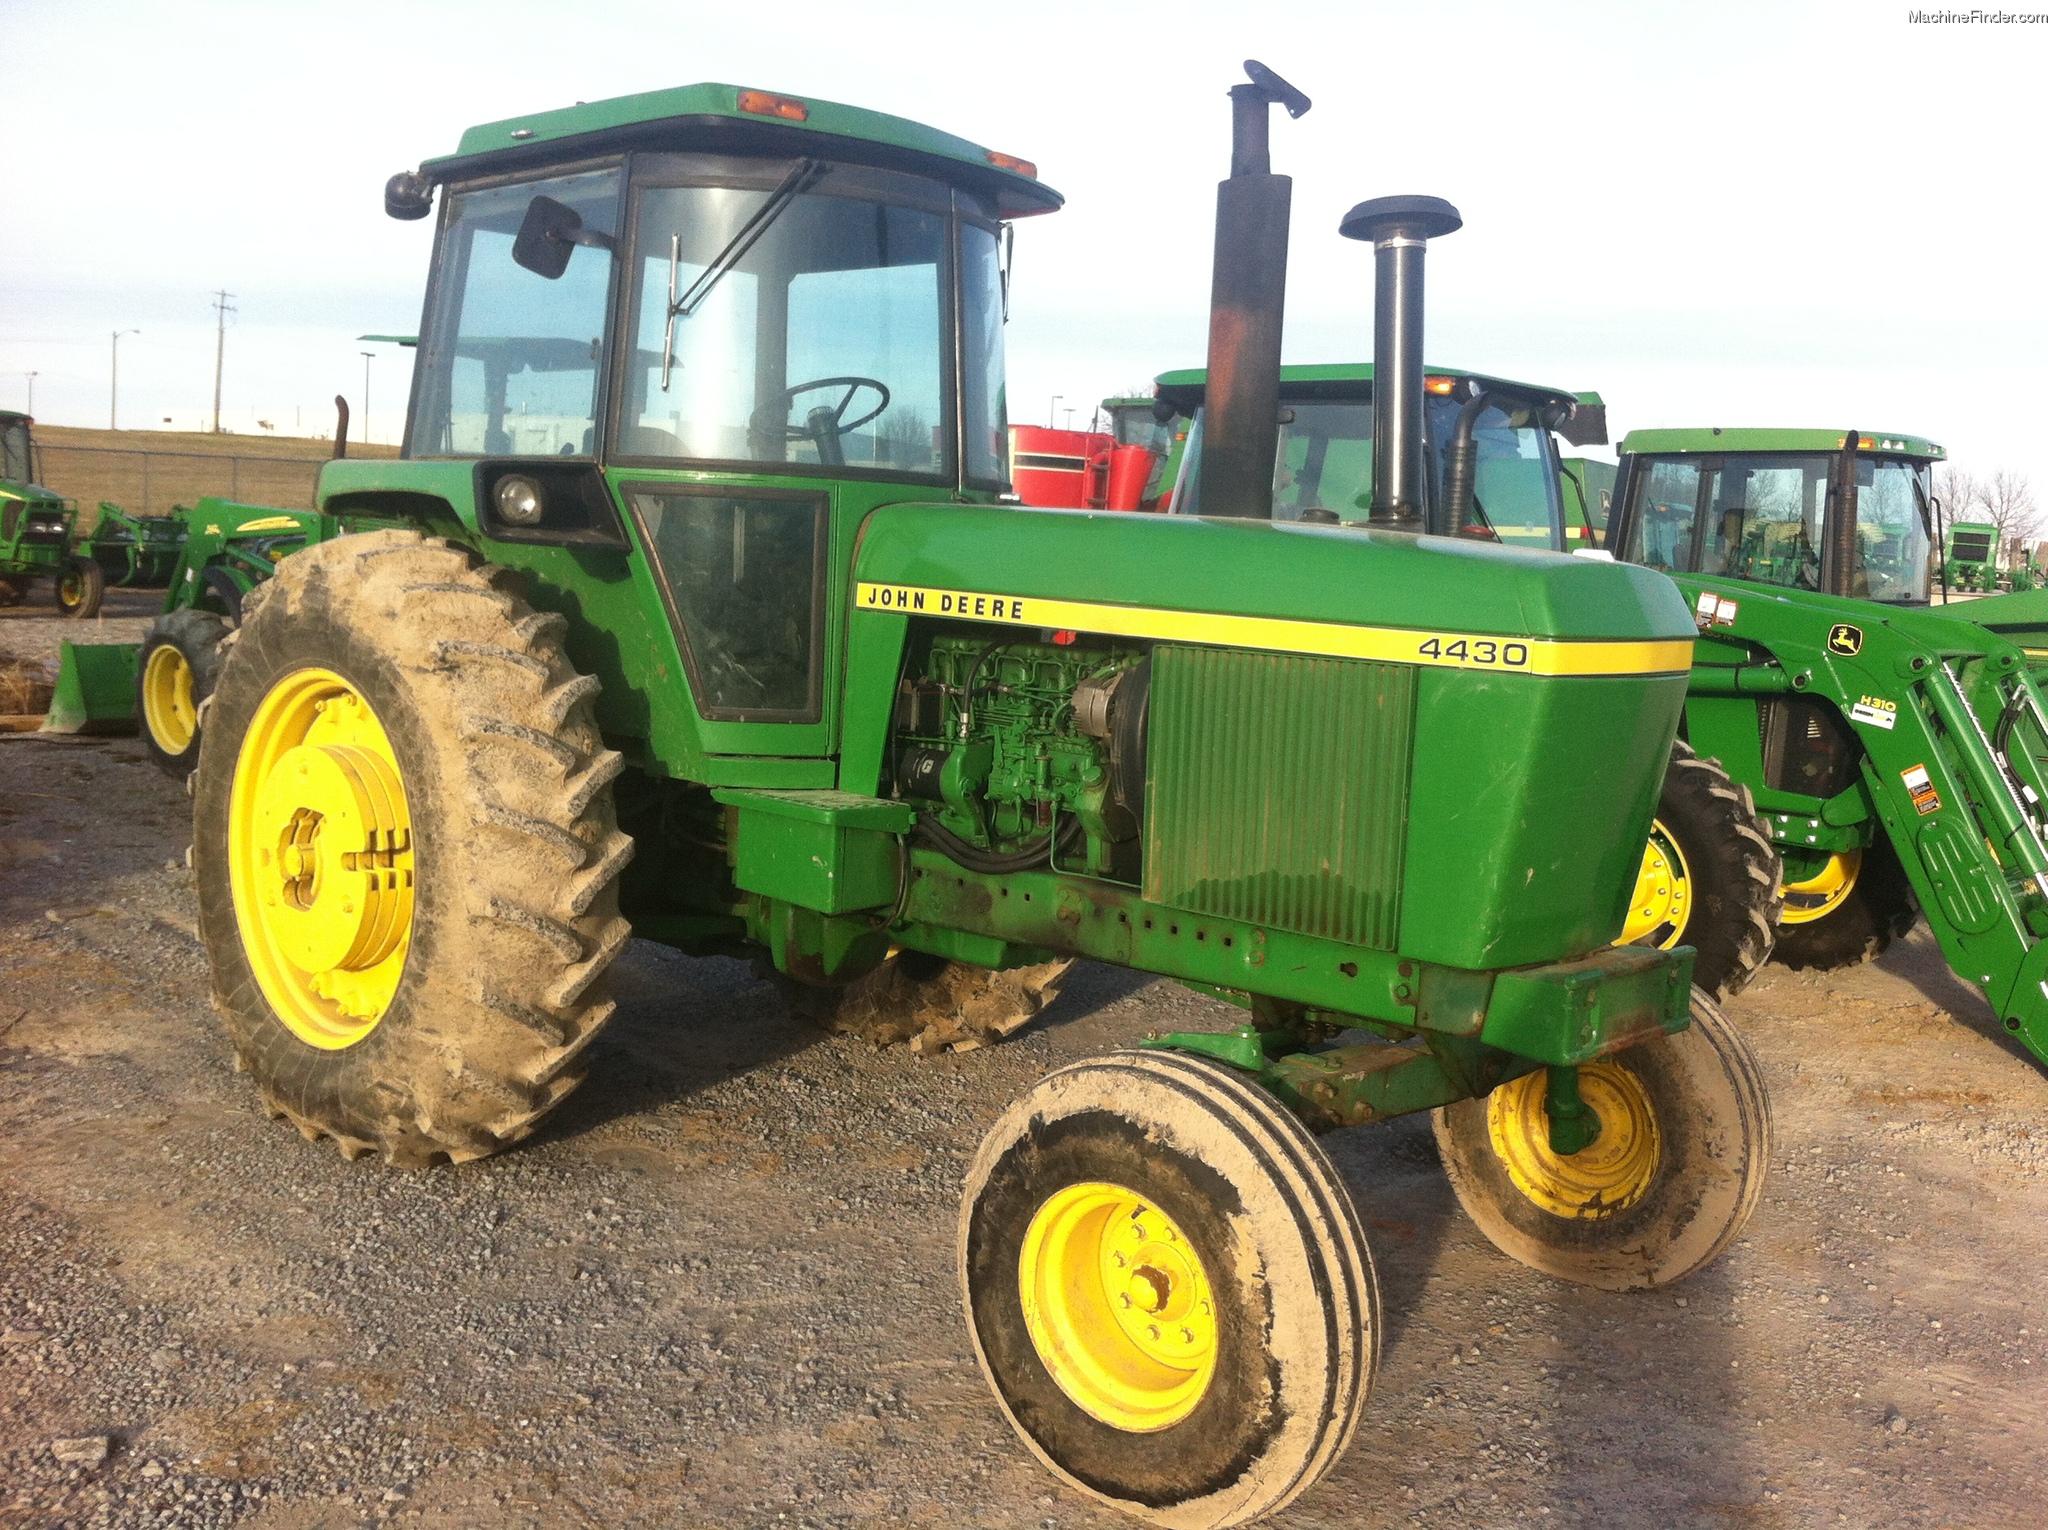 1973 John Deere 4430 Tractors - Row Crop (+100hp) - John ...